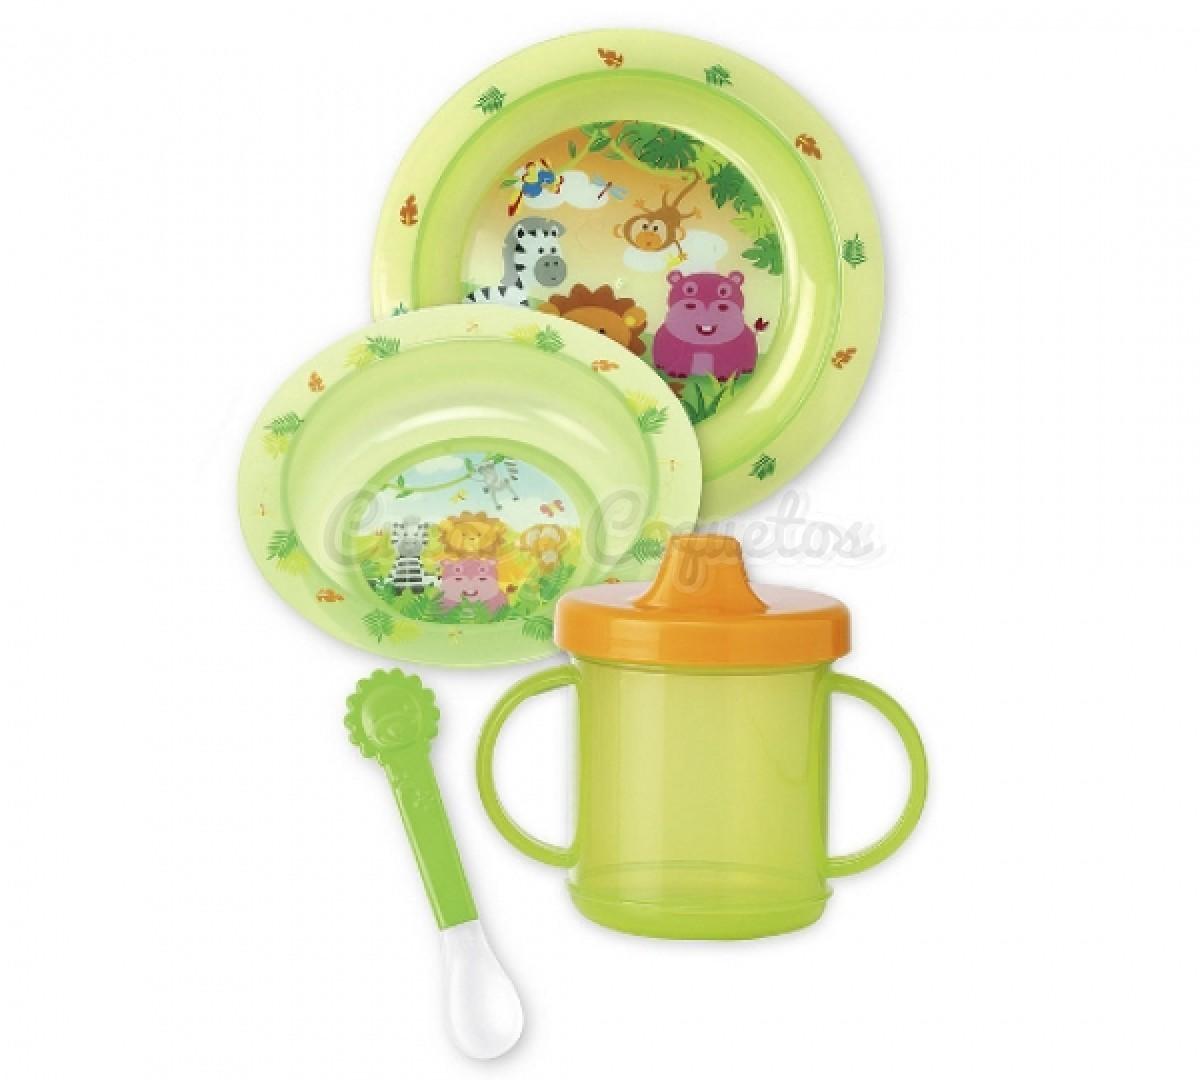 Vajilla microondas jungla regalos para beb s for Vajillas bebe personalizadas